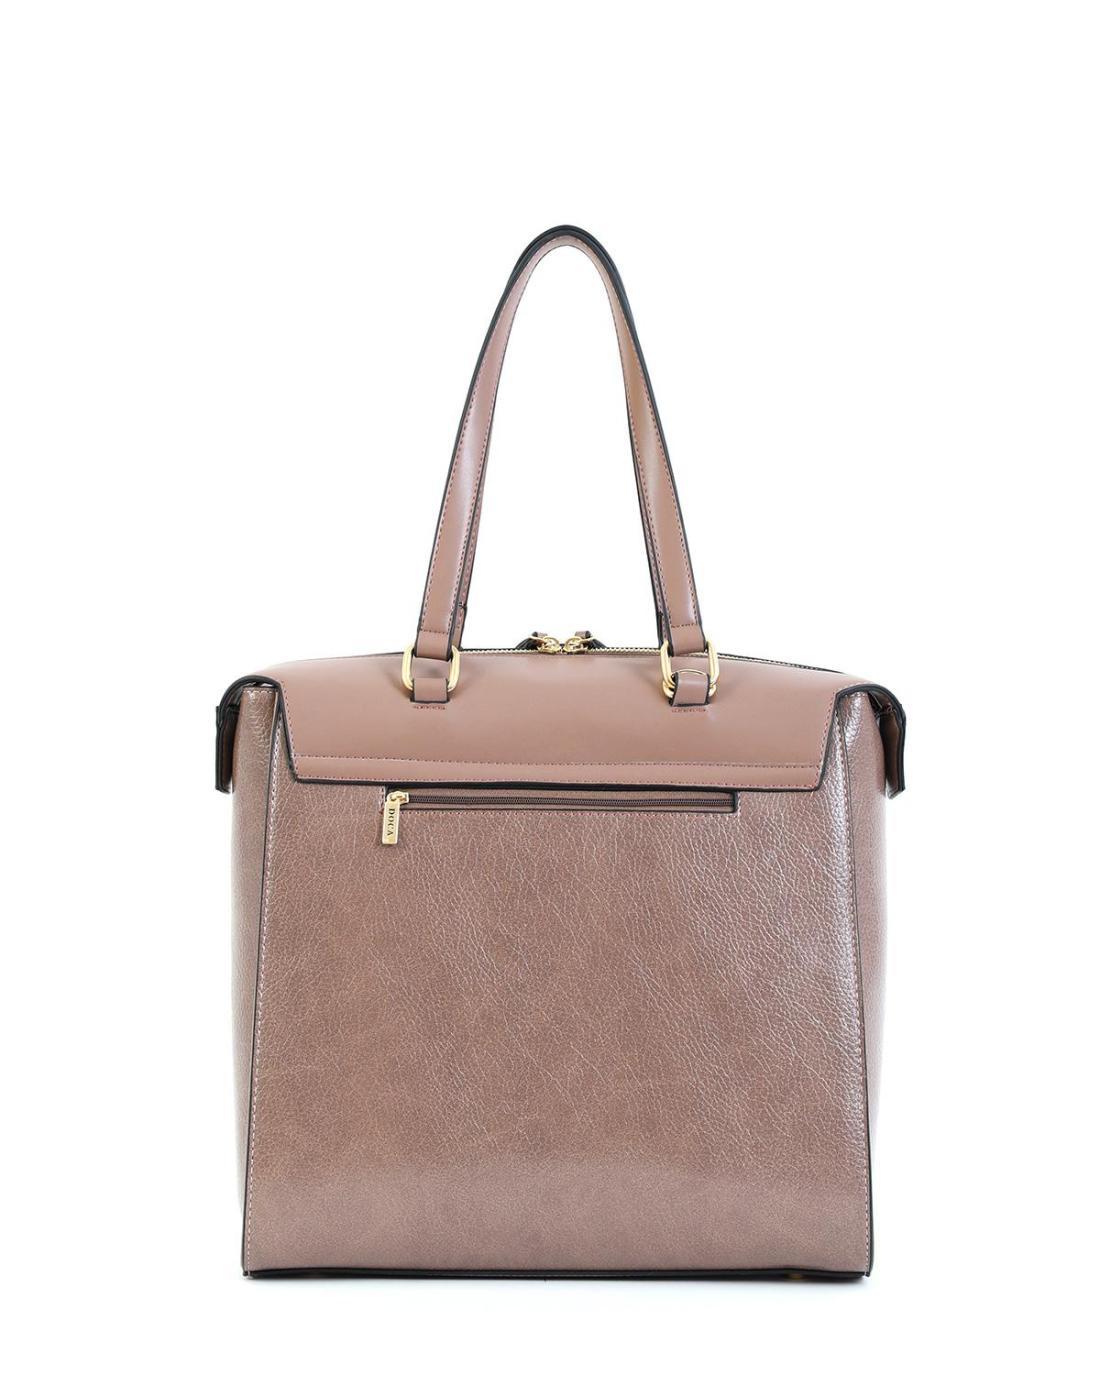 Beige handbag